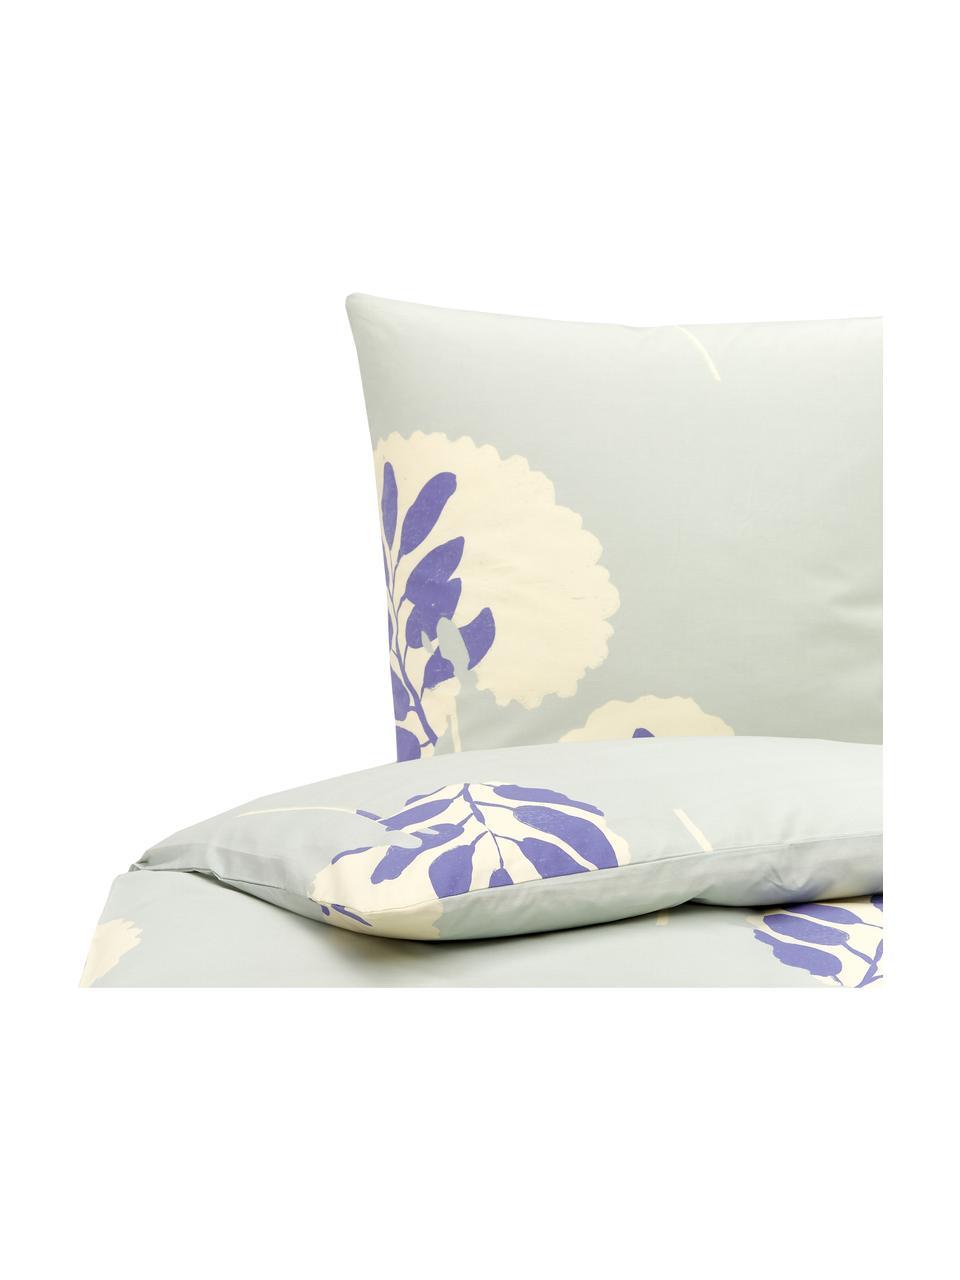 Pościel z bawełny Romantic Leaves, Szaroniebieski, kremowy, niebieski idygo, 155 x 220 cm + 1 poduszka 80 x 80 cm